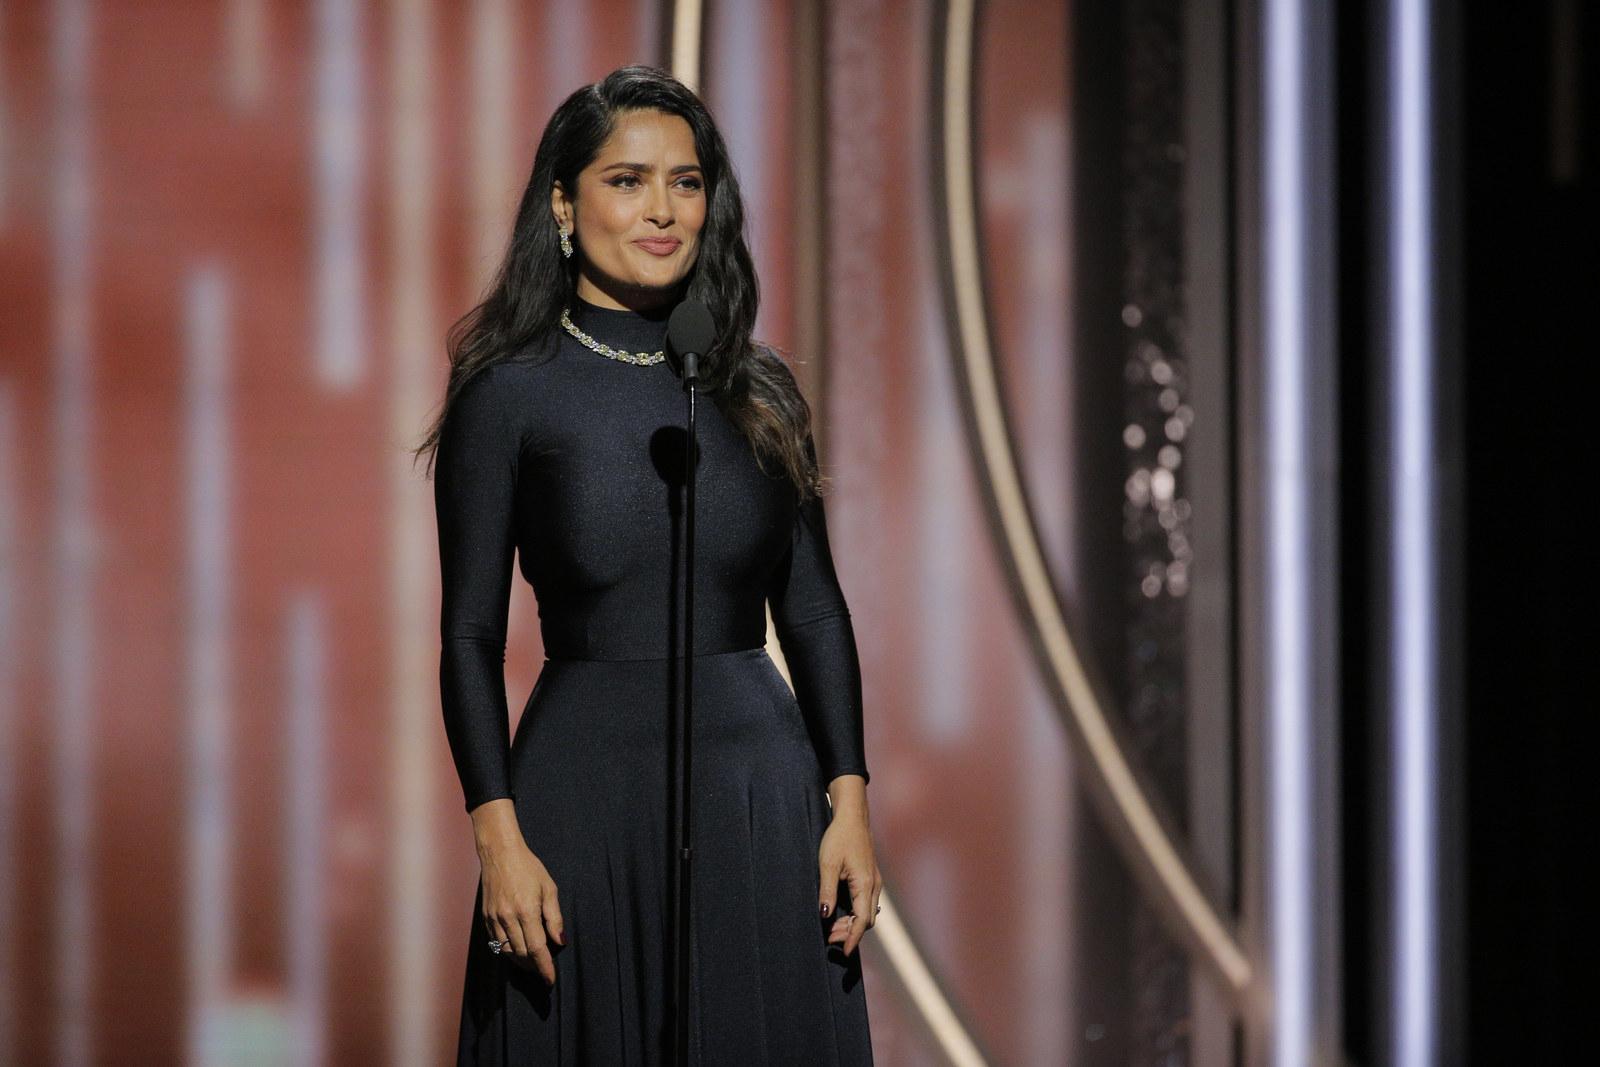 Salma Hayek Told Oprah More Details About Harvey Weinstein's Alleged Abuse